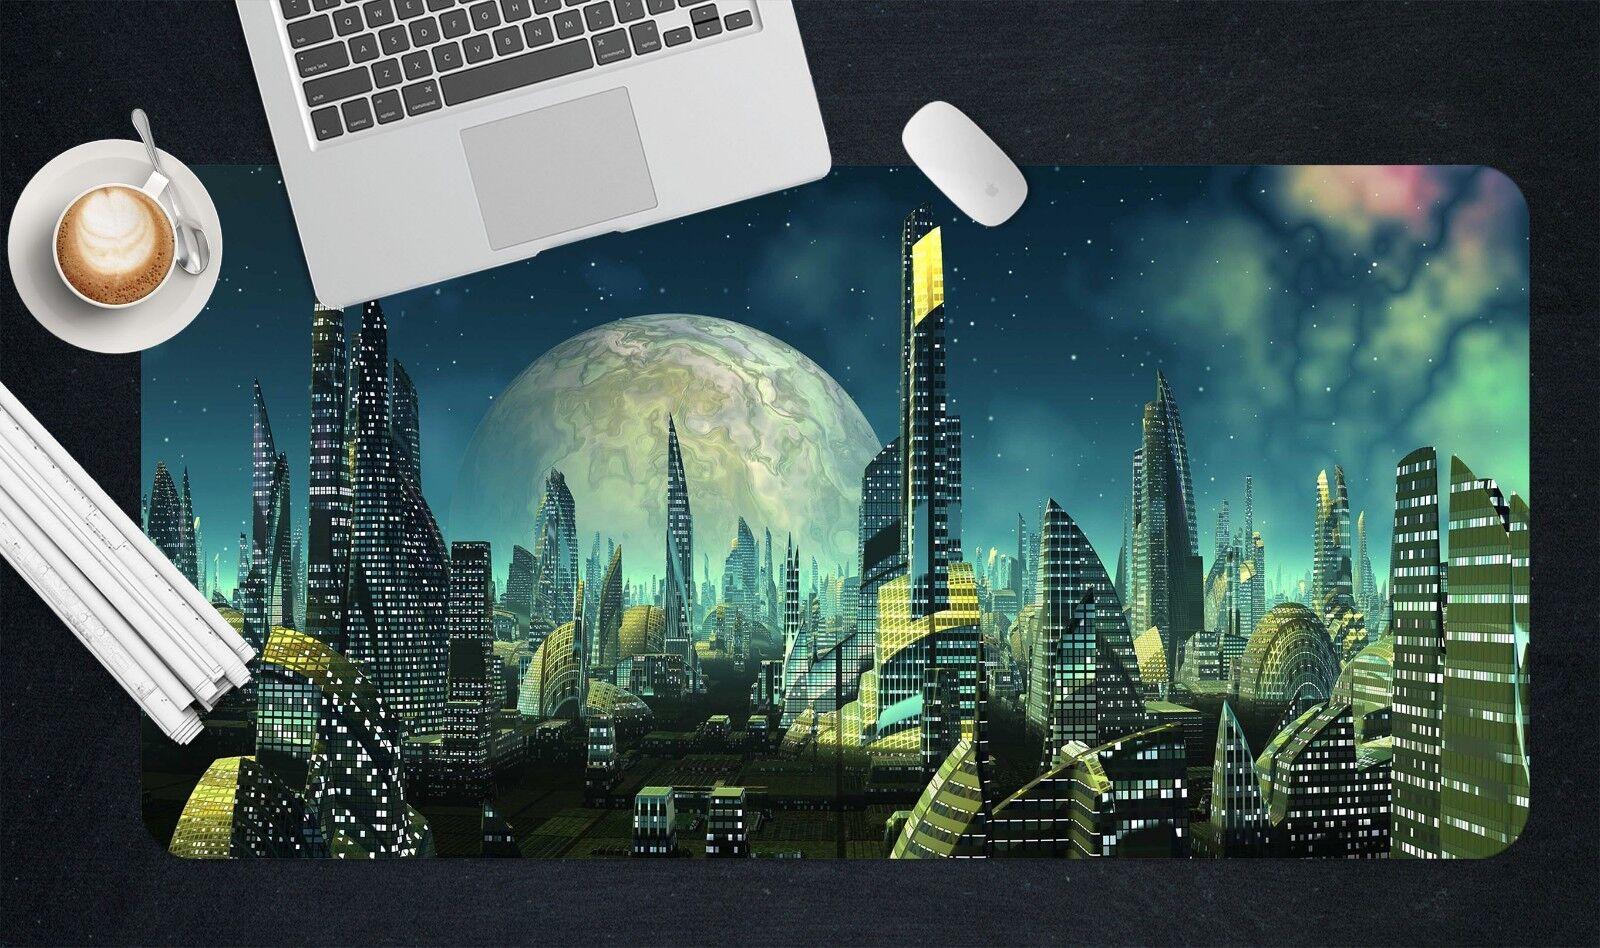 3D Mond Stadt 509 509 509 Rutschfest Büro Schreibtisch Mauspad Tastatur Spiel cb59f6